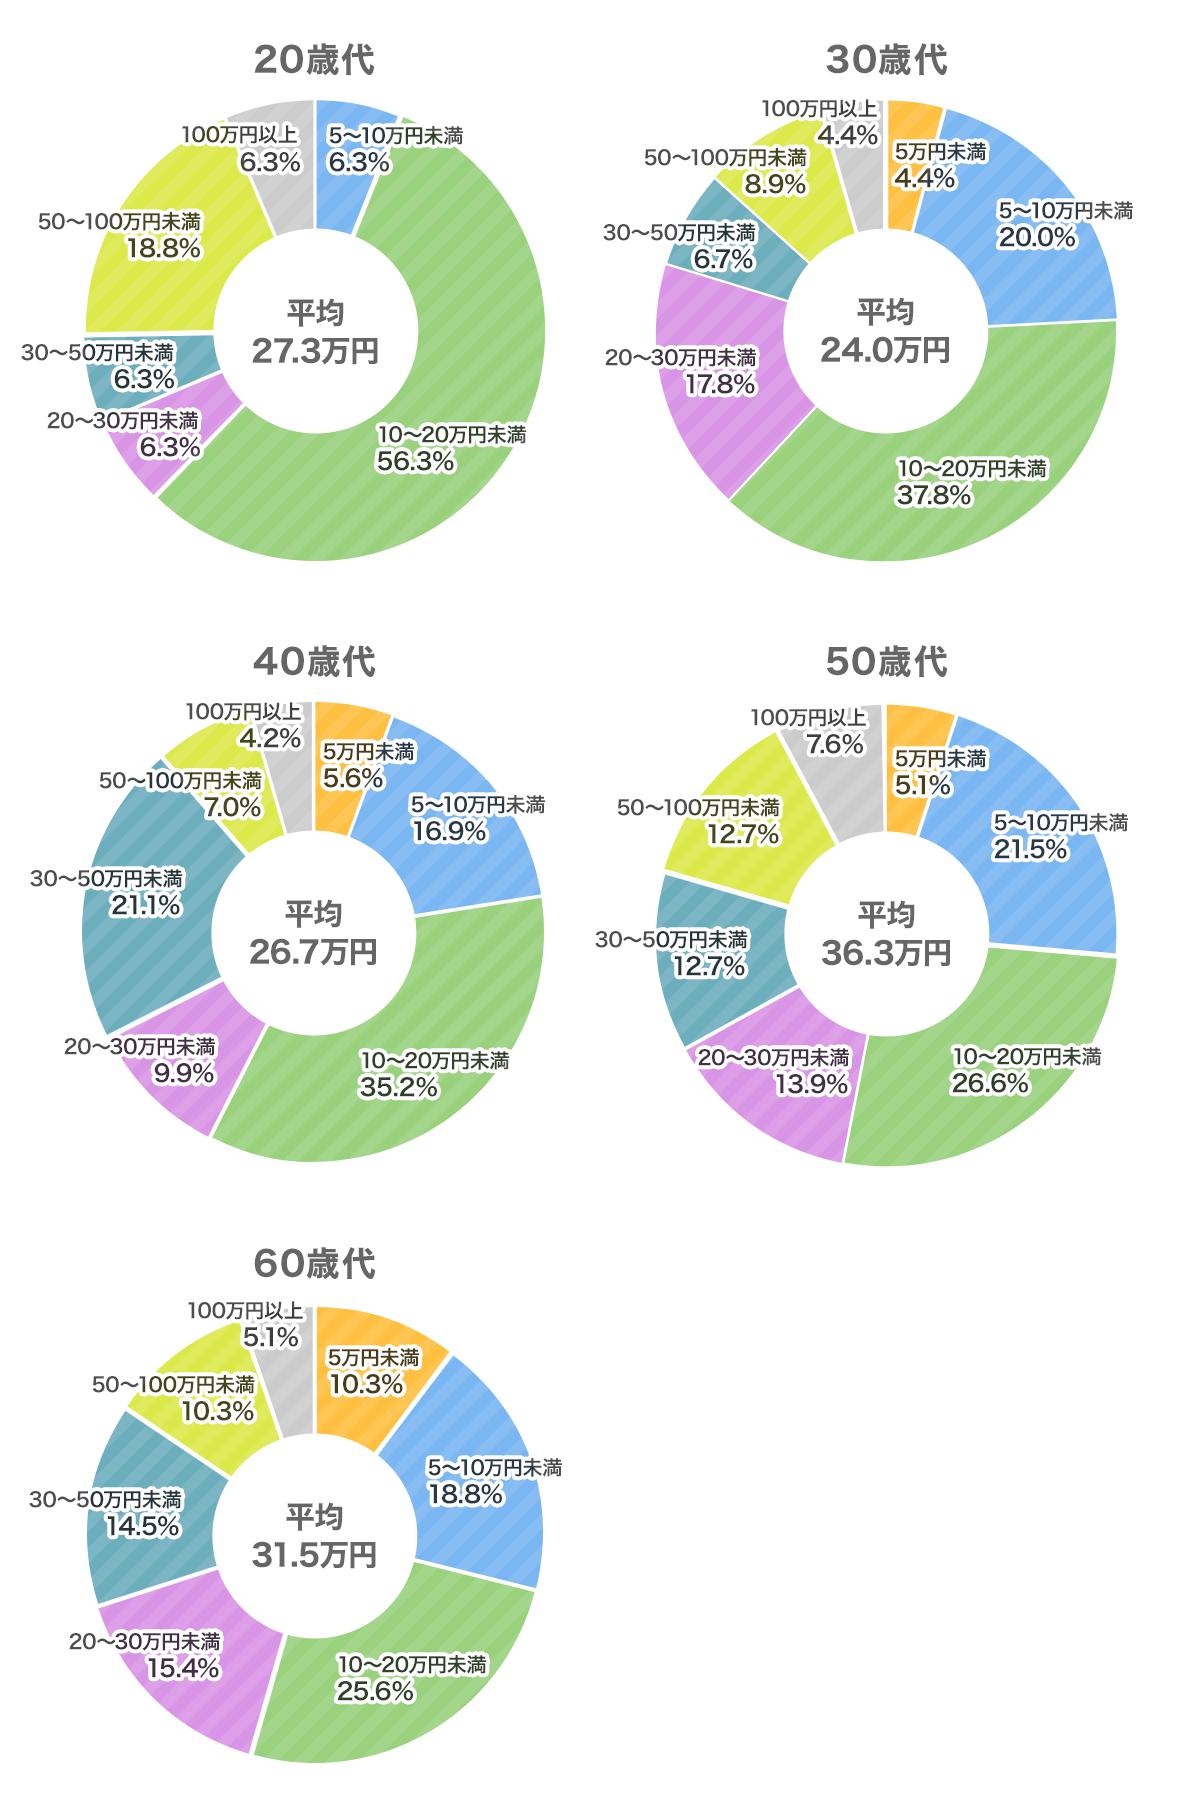 医療保障 直近の入院時の自己負担費用と逸失収入の総額